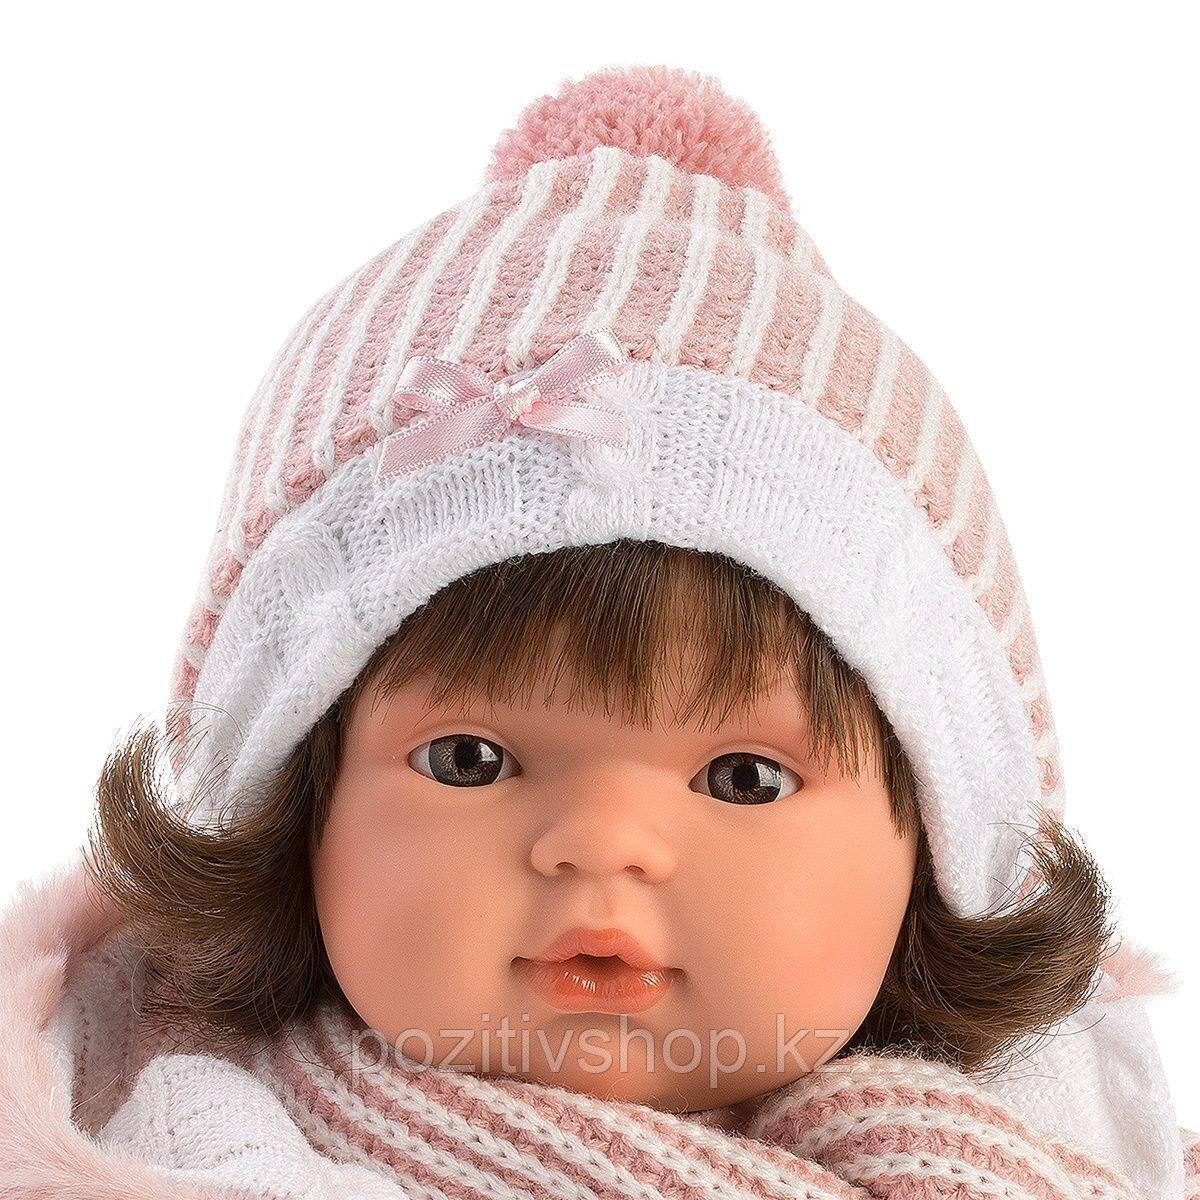 Кукла Llorens Лола 38см, брюнетка в белой курточке с капюшоном - фото 2